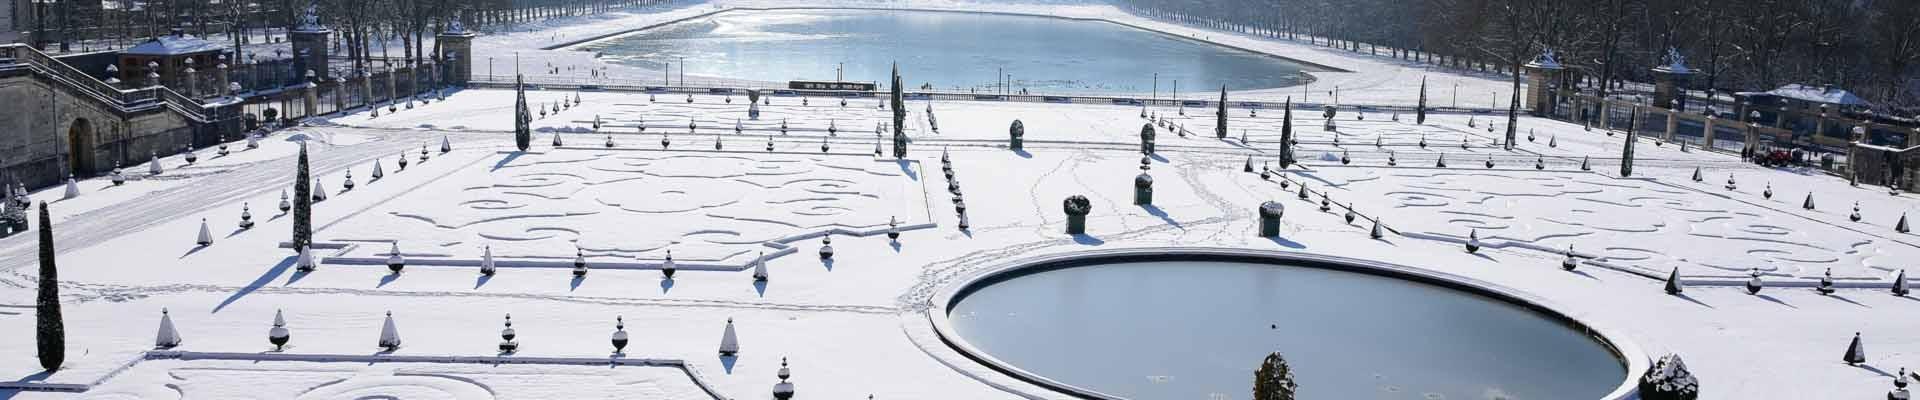 Versailles in winter